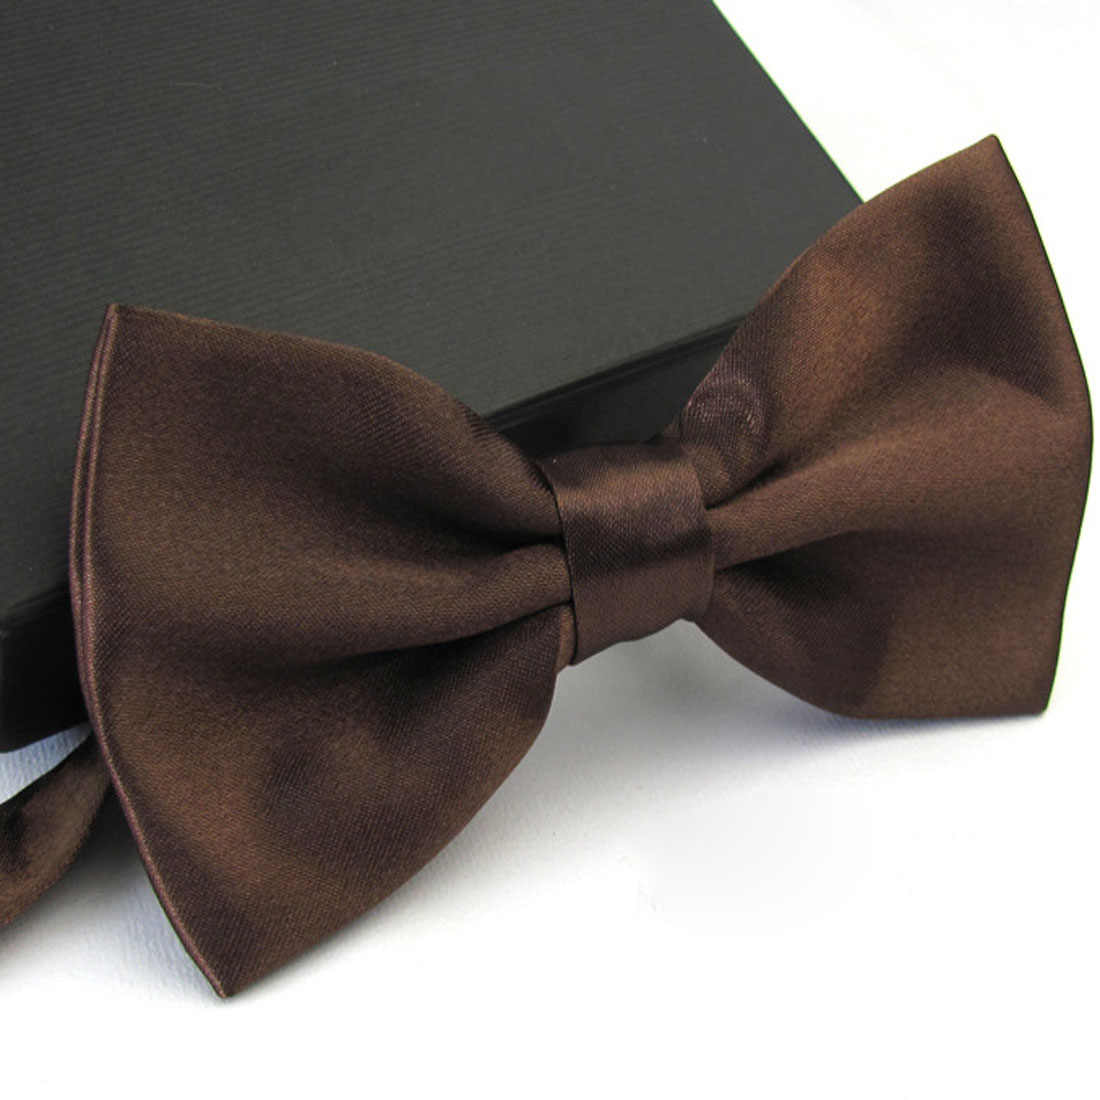 1 قطعة شهم الرجال الكلاسيكية الحرير بووتي ربطة العنق ل الزفاف حزب قابل للتعديل ربطة القوس فيونكة عقدة gravata هدايا للرجال عيد الميلاد